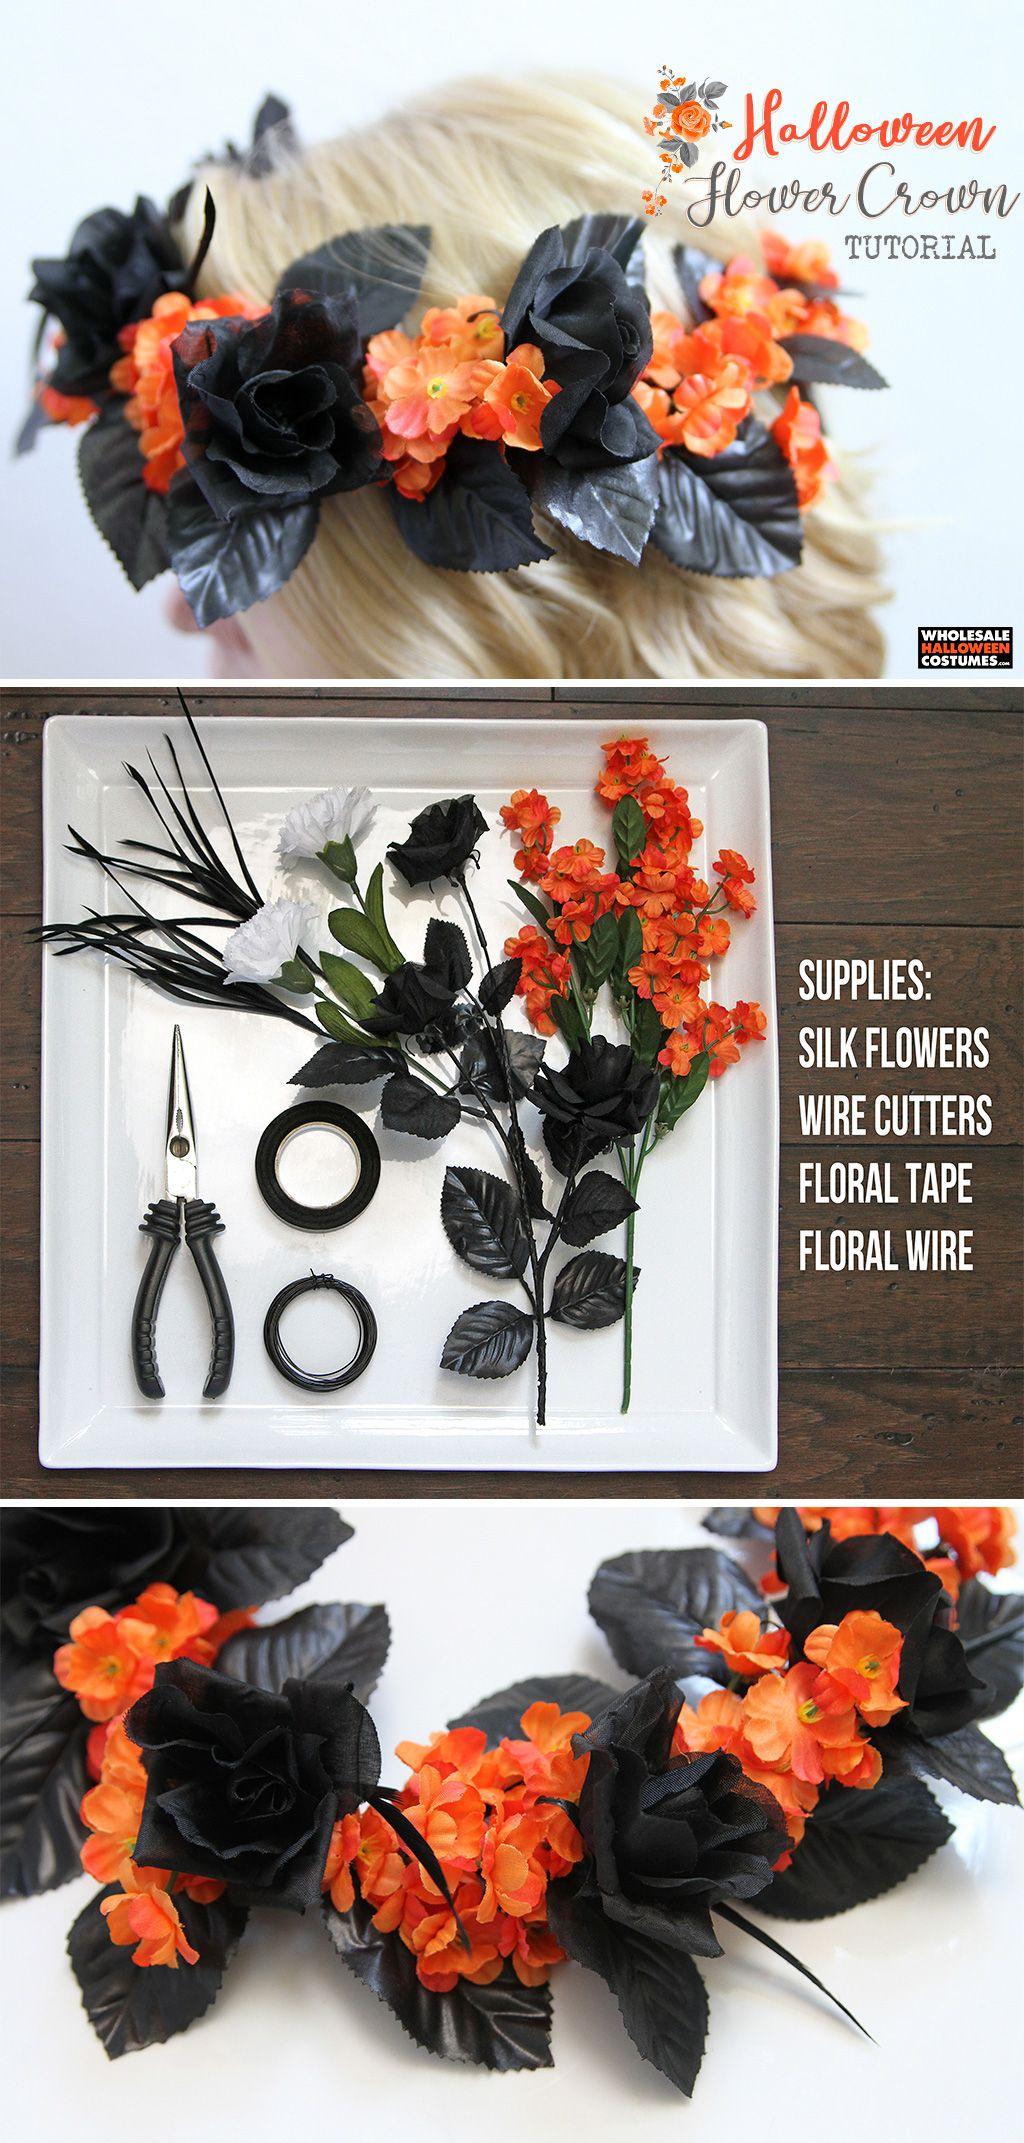 Diy halloween flower crown diy halloween costume ideas pinterest diy halloween flower crown wholesale halloween costumes blog izmirmasajfo